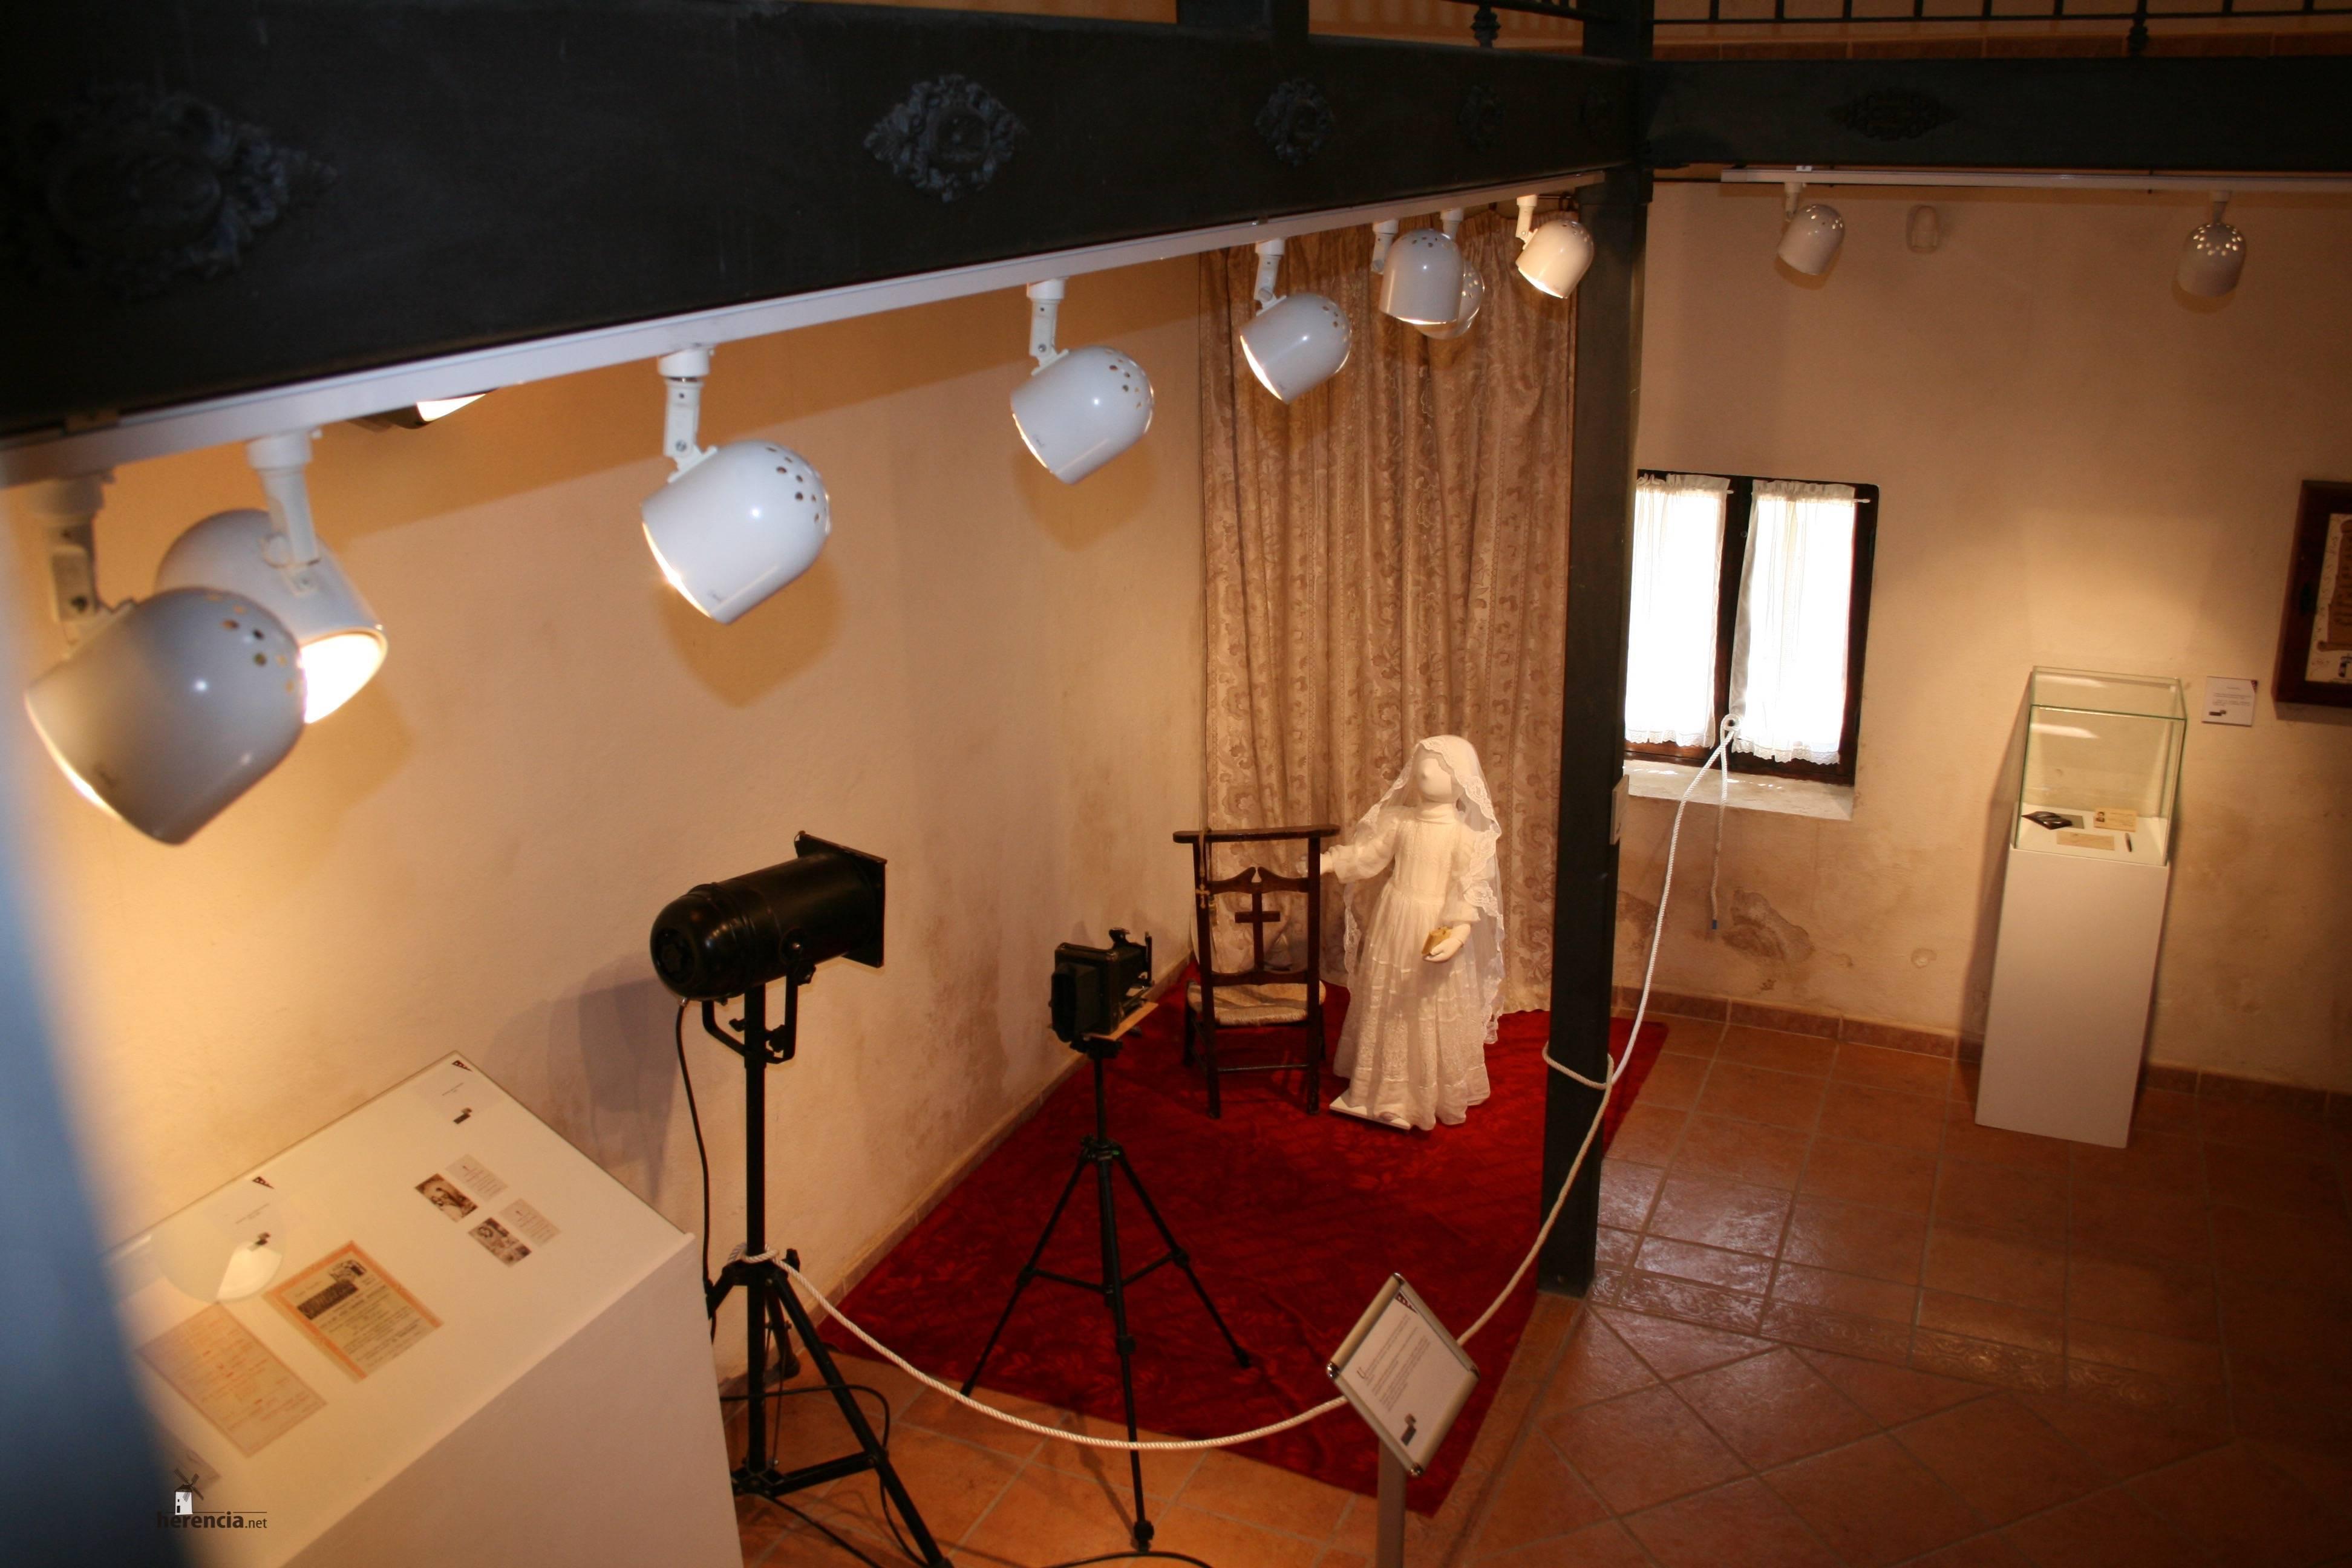 exposicion generoso medina 3 - La exposición de Generoso Medina ampliada una semana